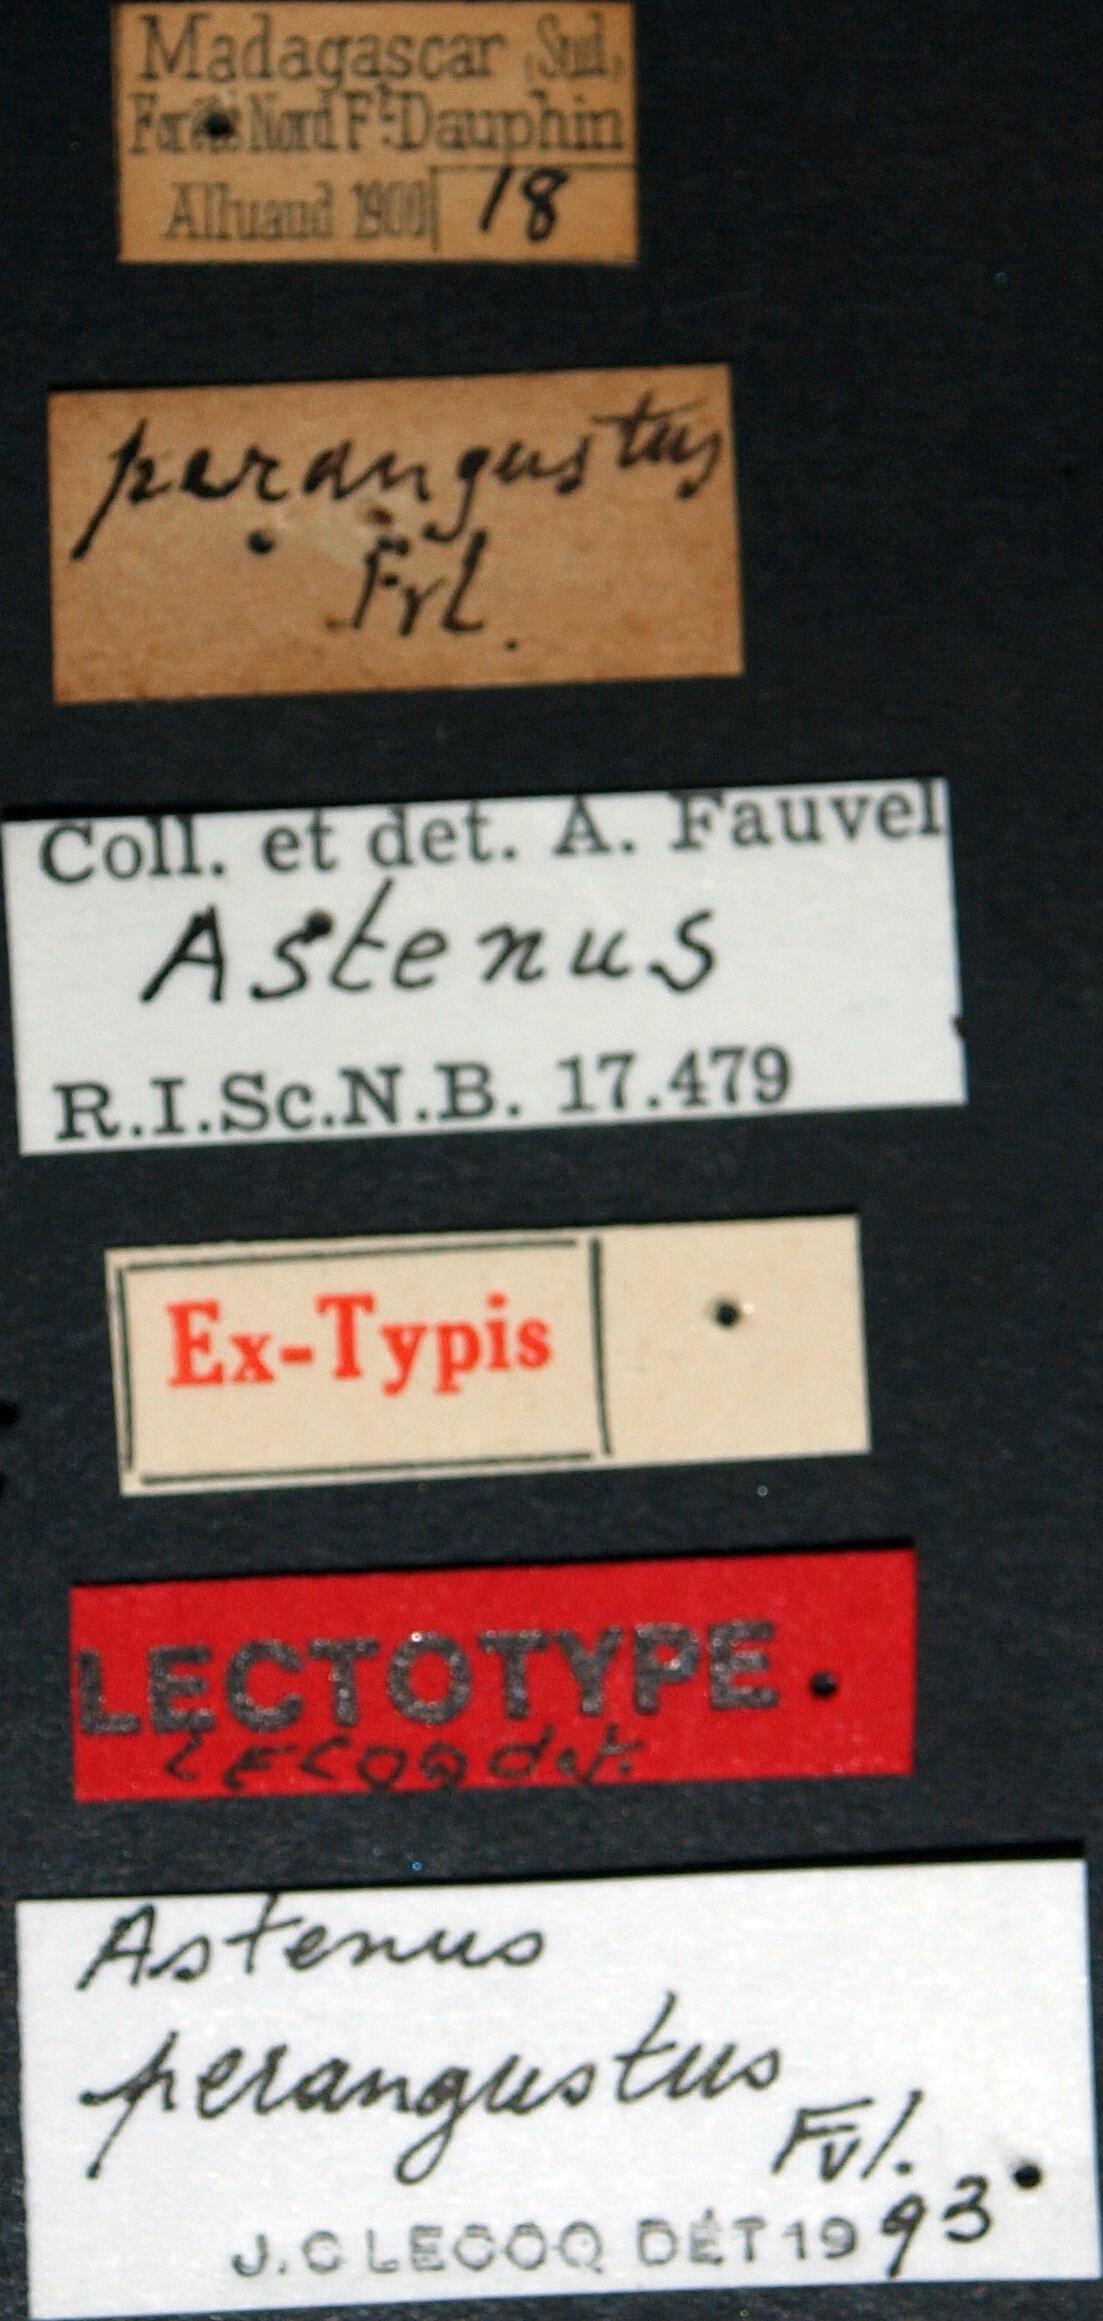 Astenus perangustus lt.JPG